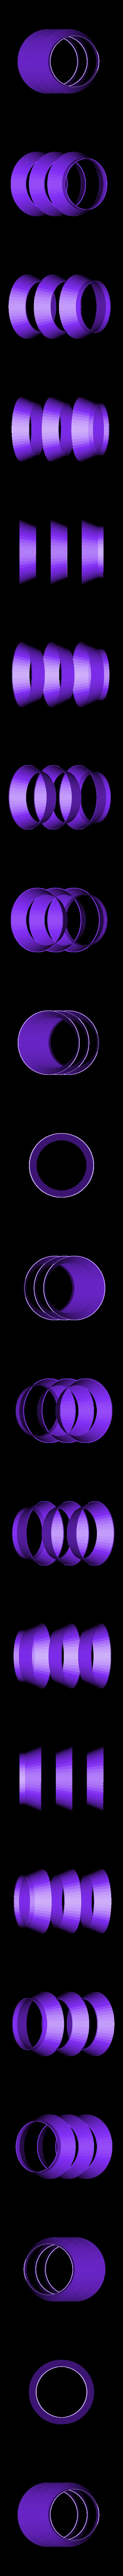 Koselig_part_1.stl Télécharger fichier STL gratuit Koselig • Objet imprimable en 3D, MosaicManufacturing